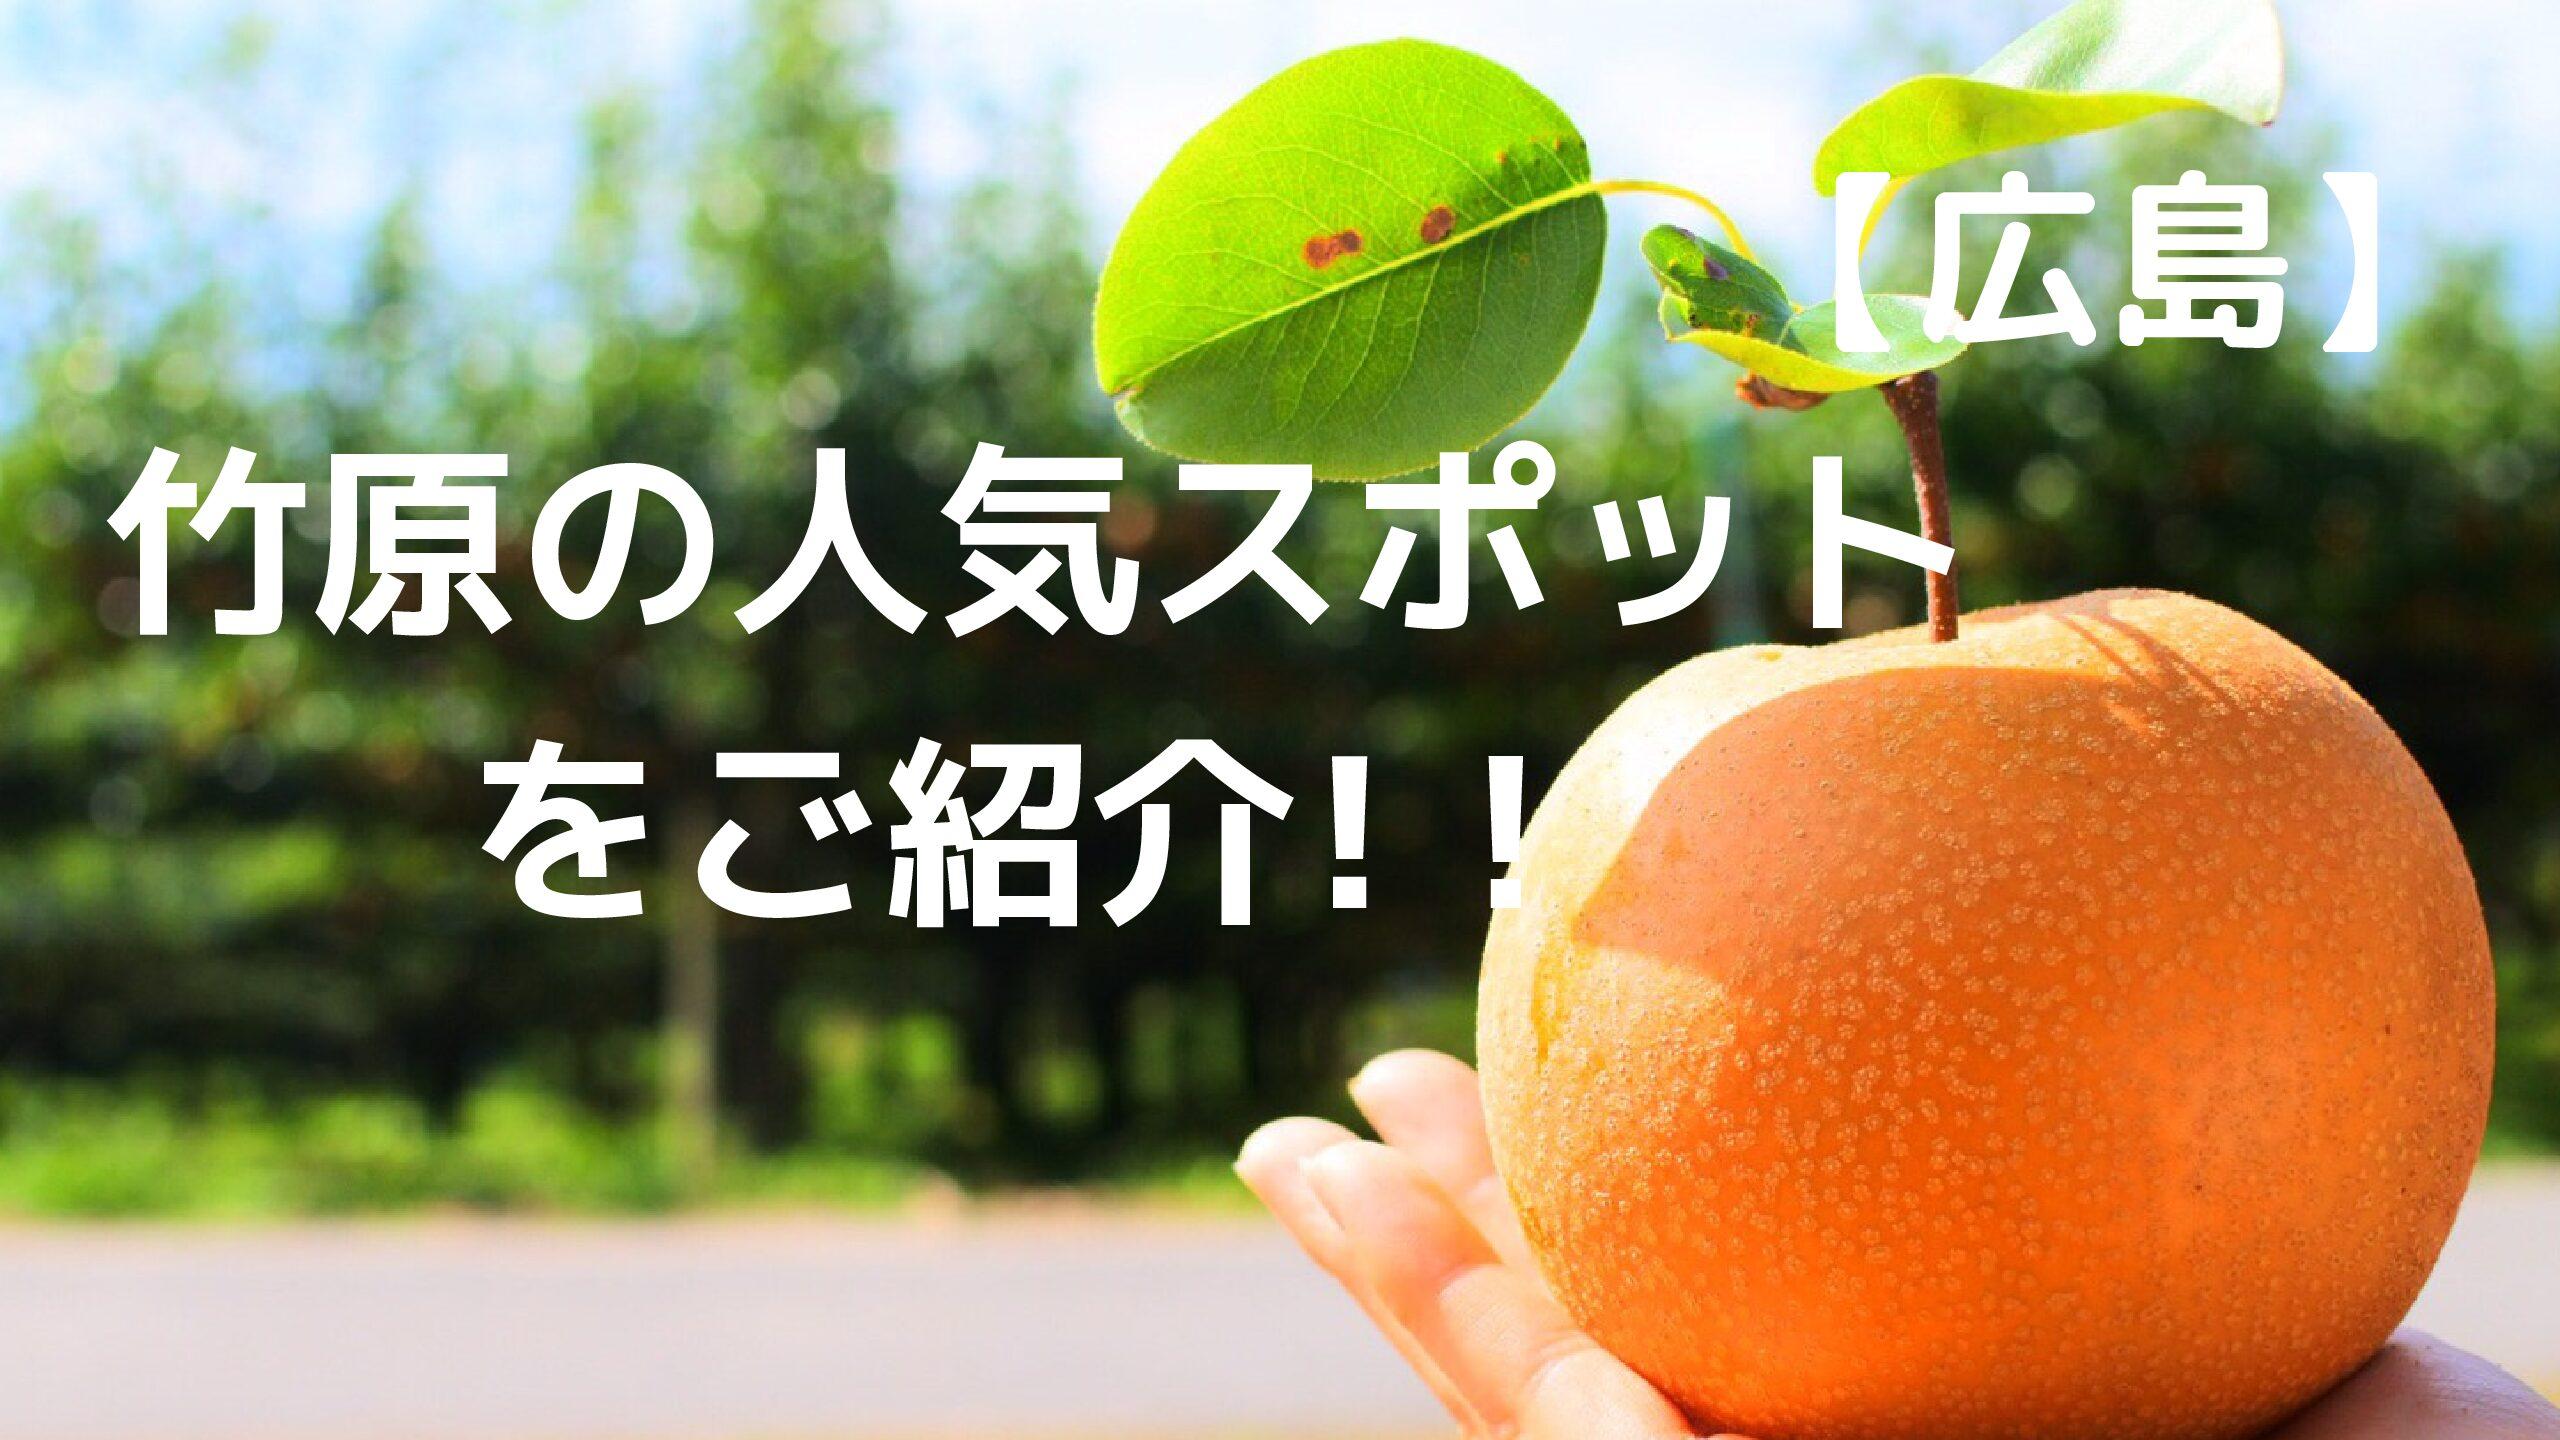 町並みが綺麗な小京都「竹原」のおススメの観光スポットをご紹介!!